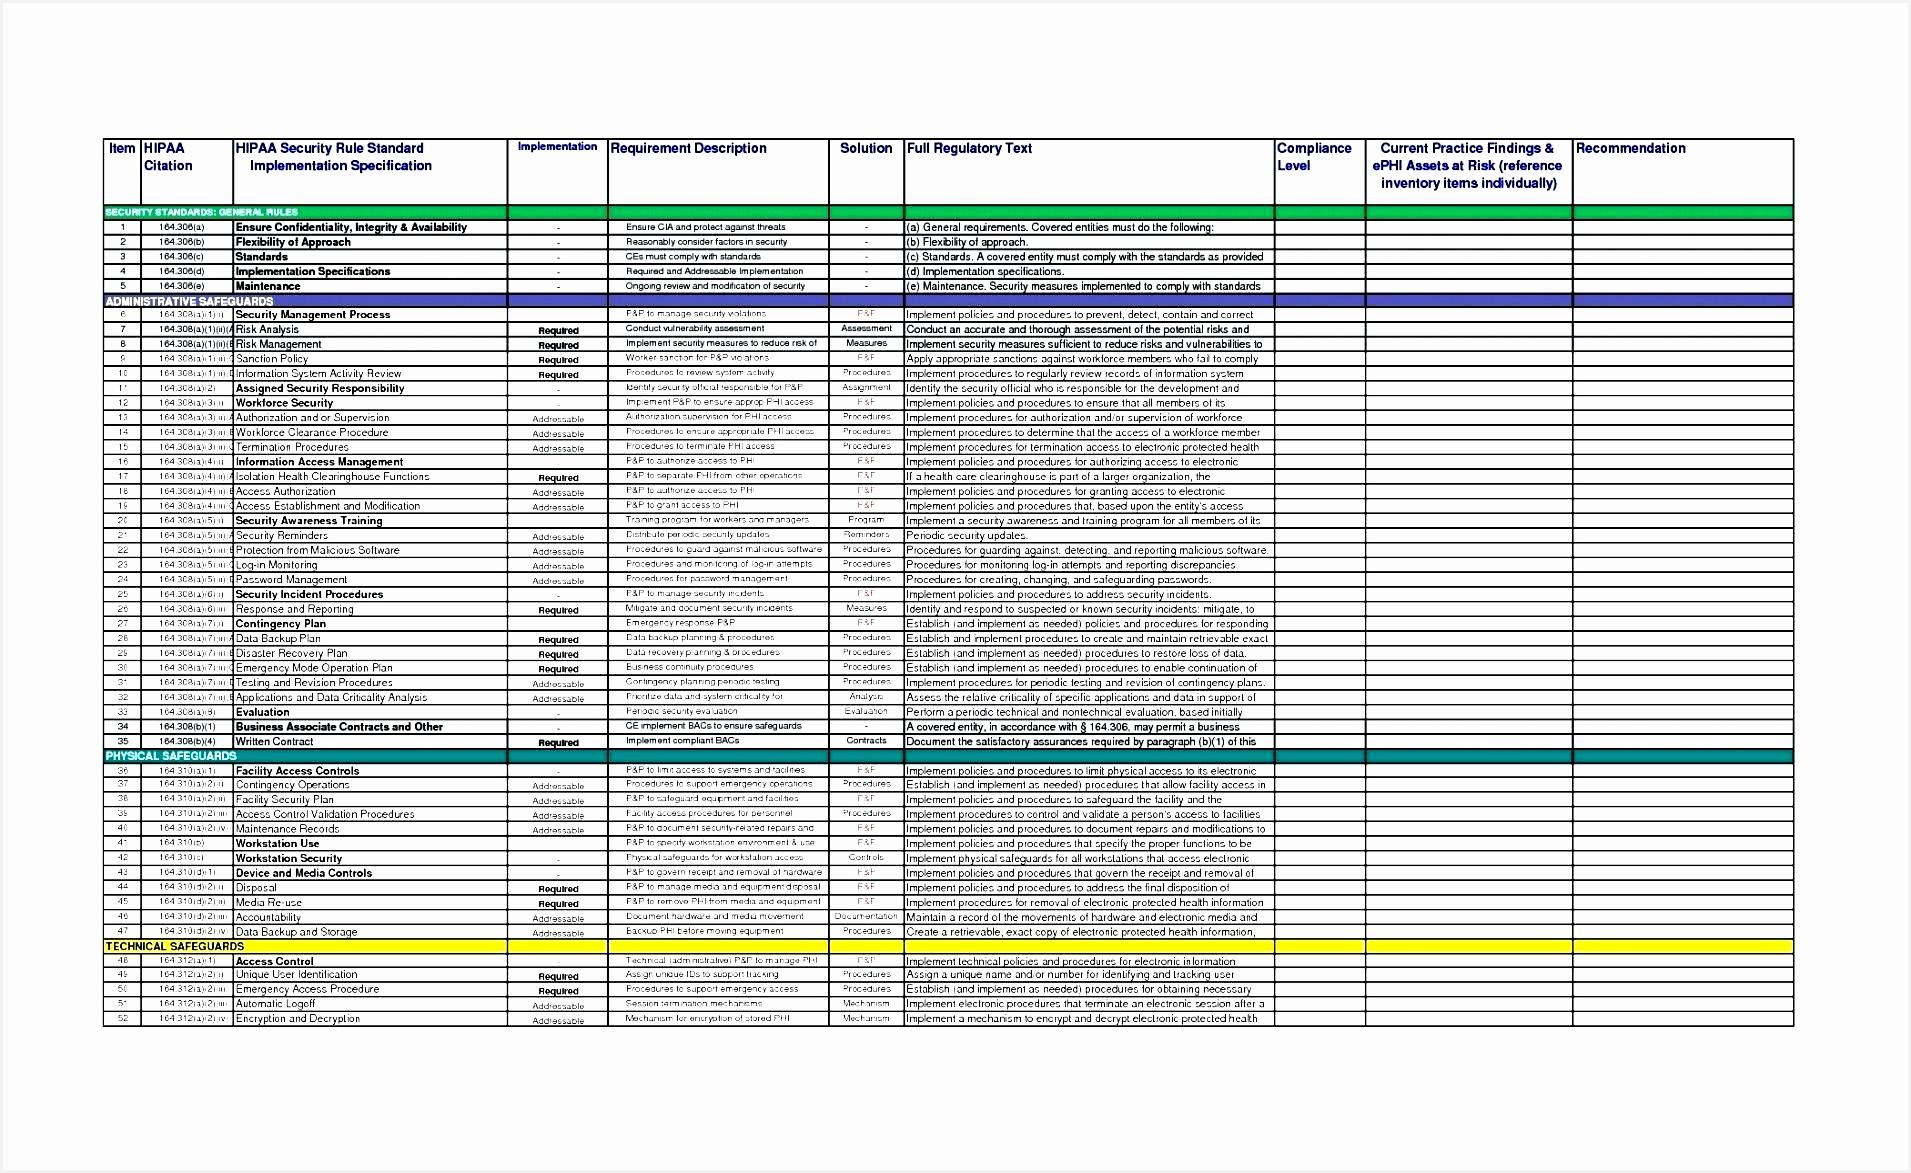 gap analysis spreadsheet for gap analysis template xls of gap analysis spreadsheet11731911